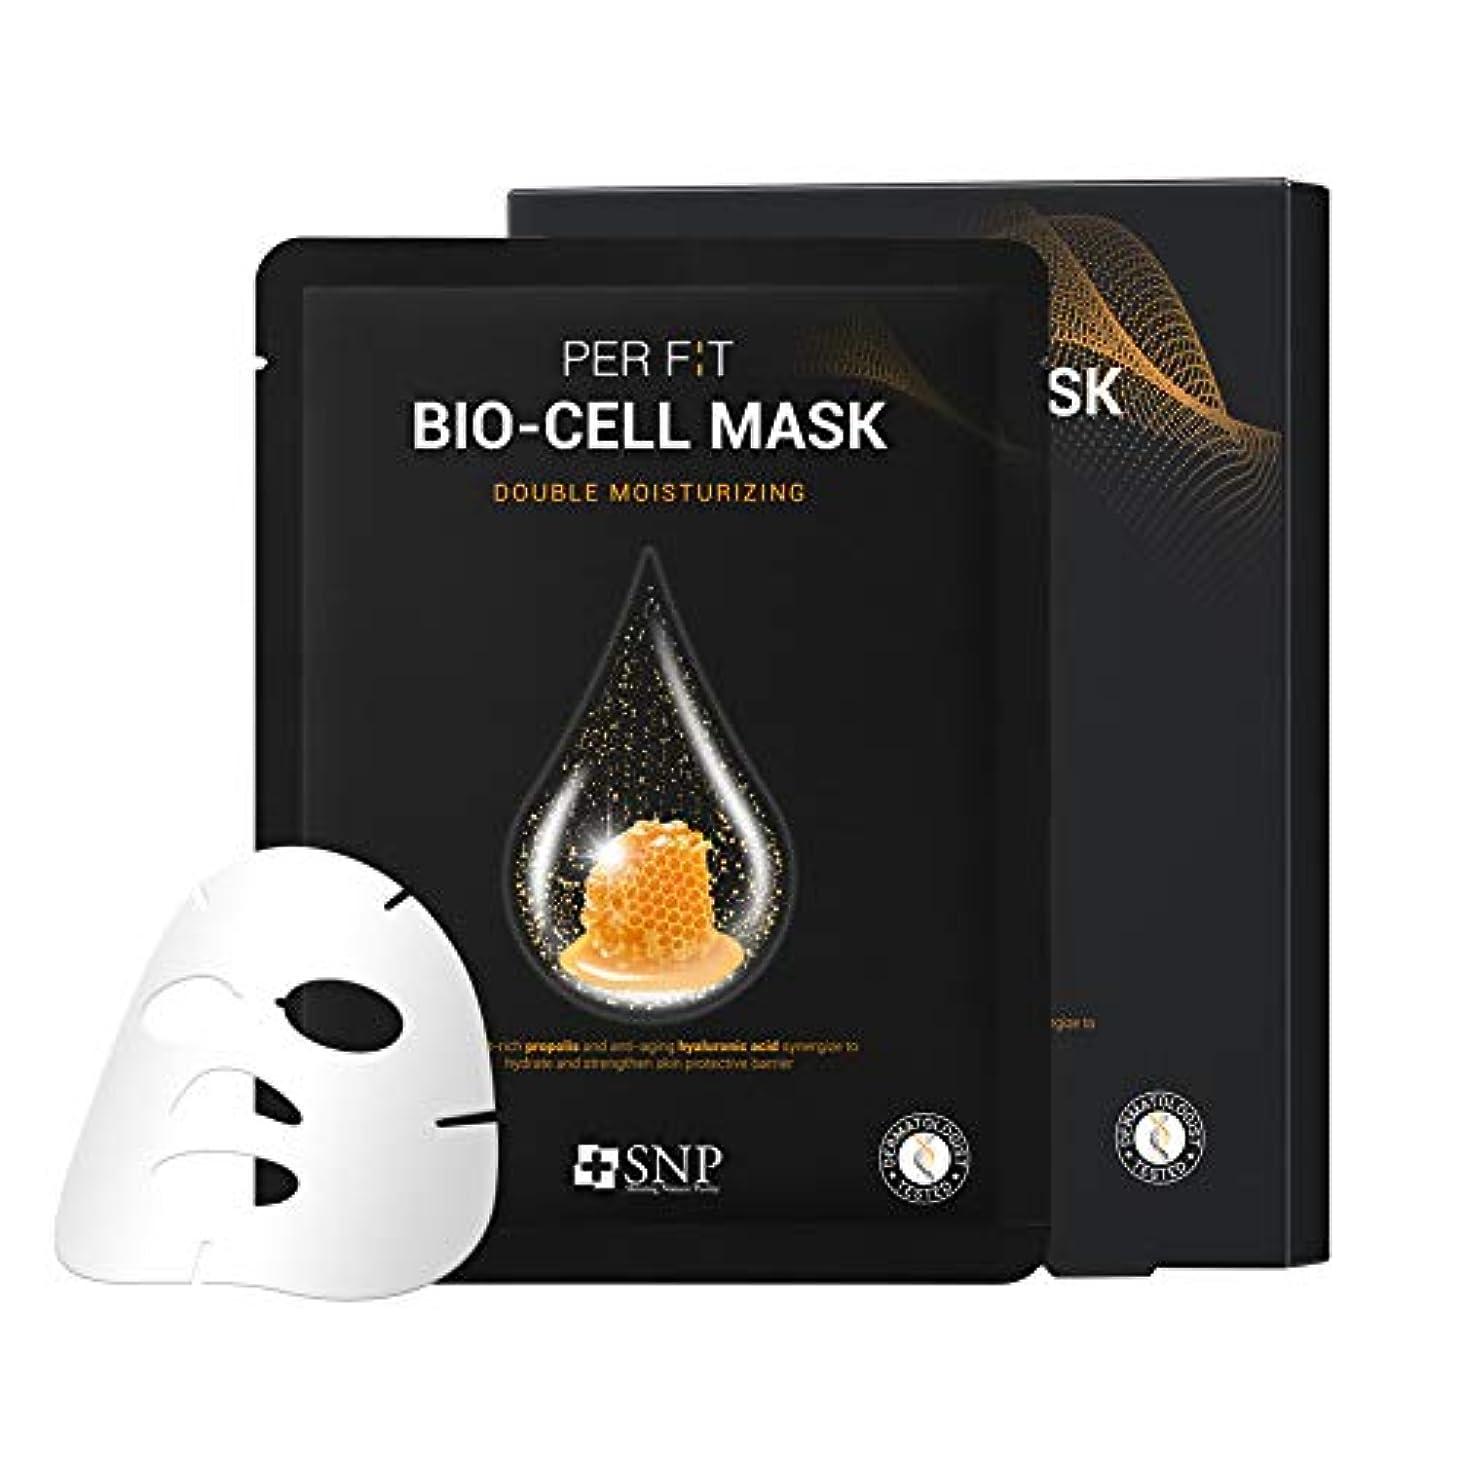 わずかな距離帝国主義【SNP公式】パーフィット バイオセルマスク ダブルモイスチャライジング 5枚セット / F:T BIO-CELL MASK DOUBLE MOISTURIZING 韓国パック 韓国コスメ パック マスクパック シートマスク 高機能